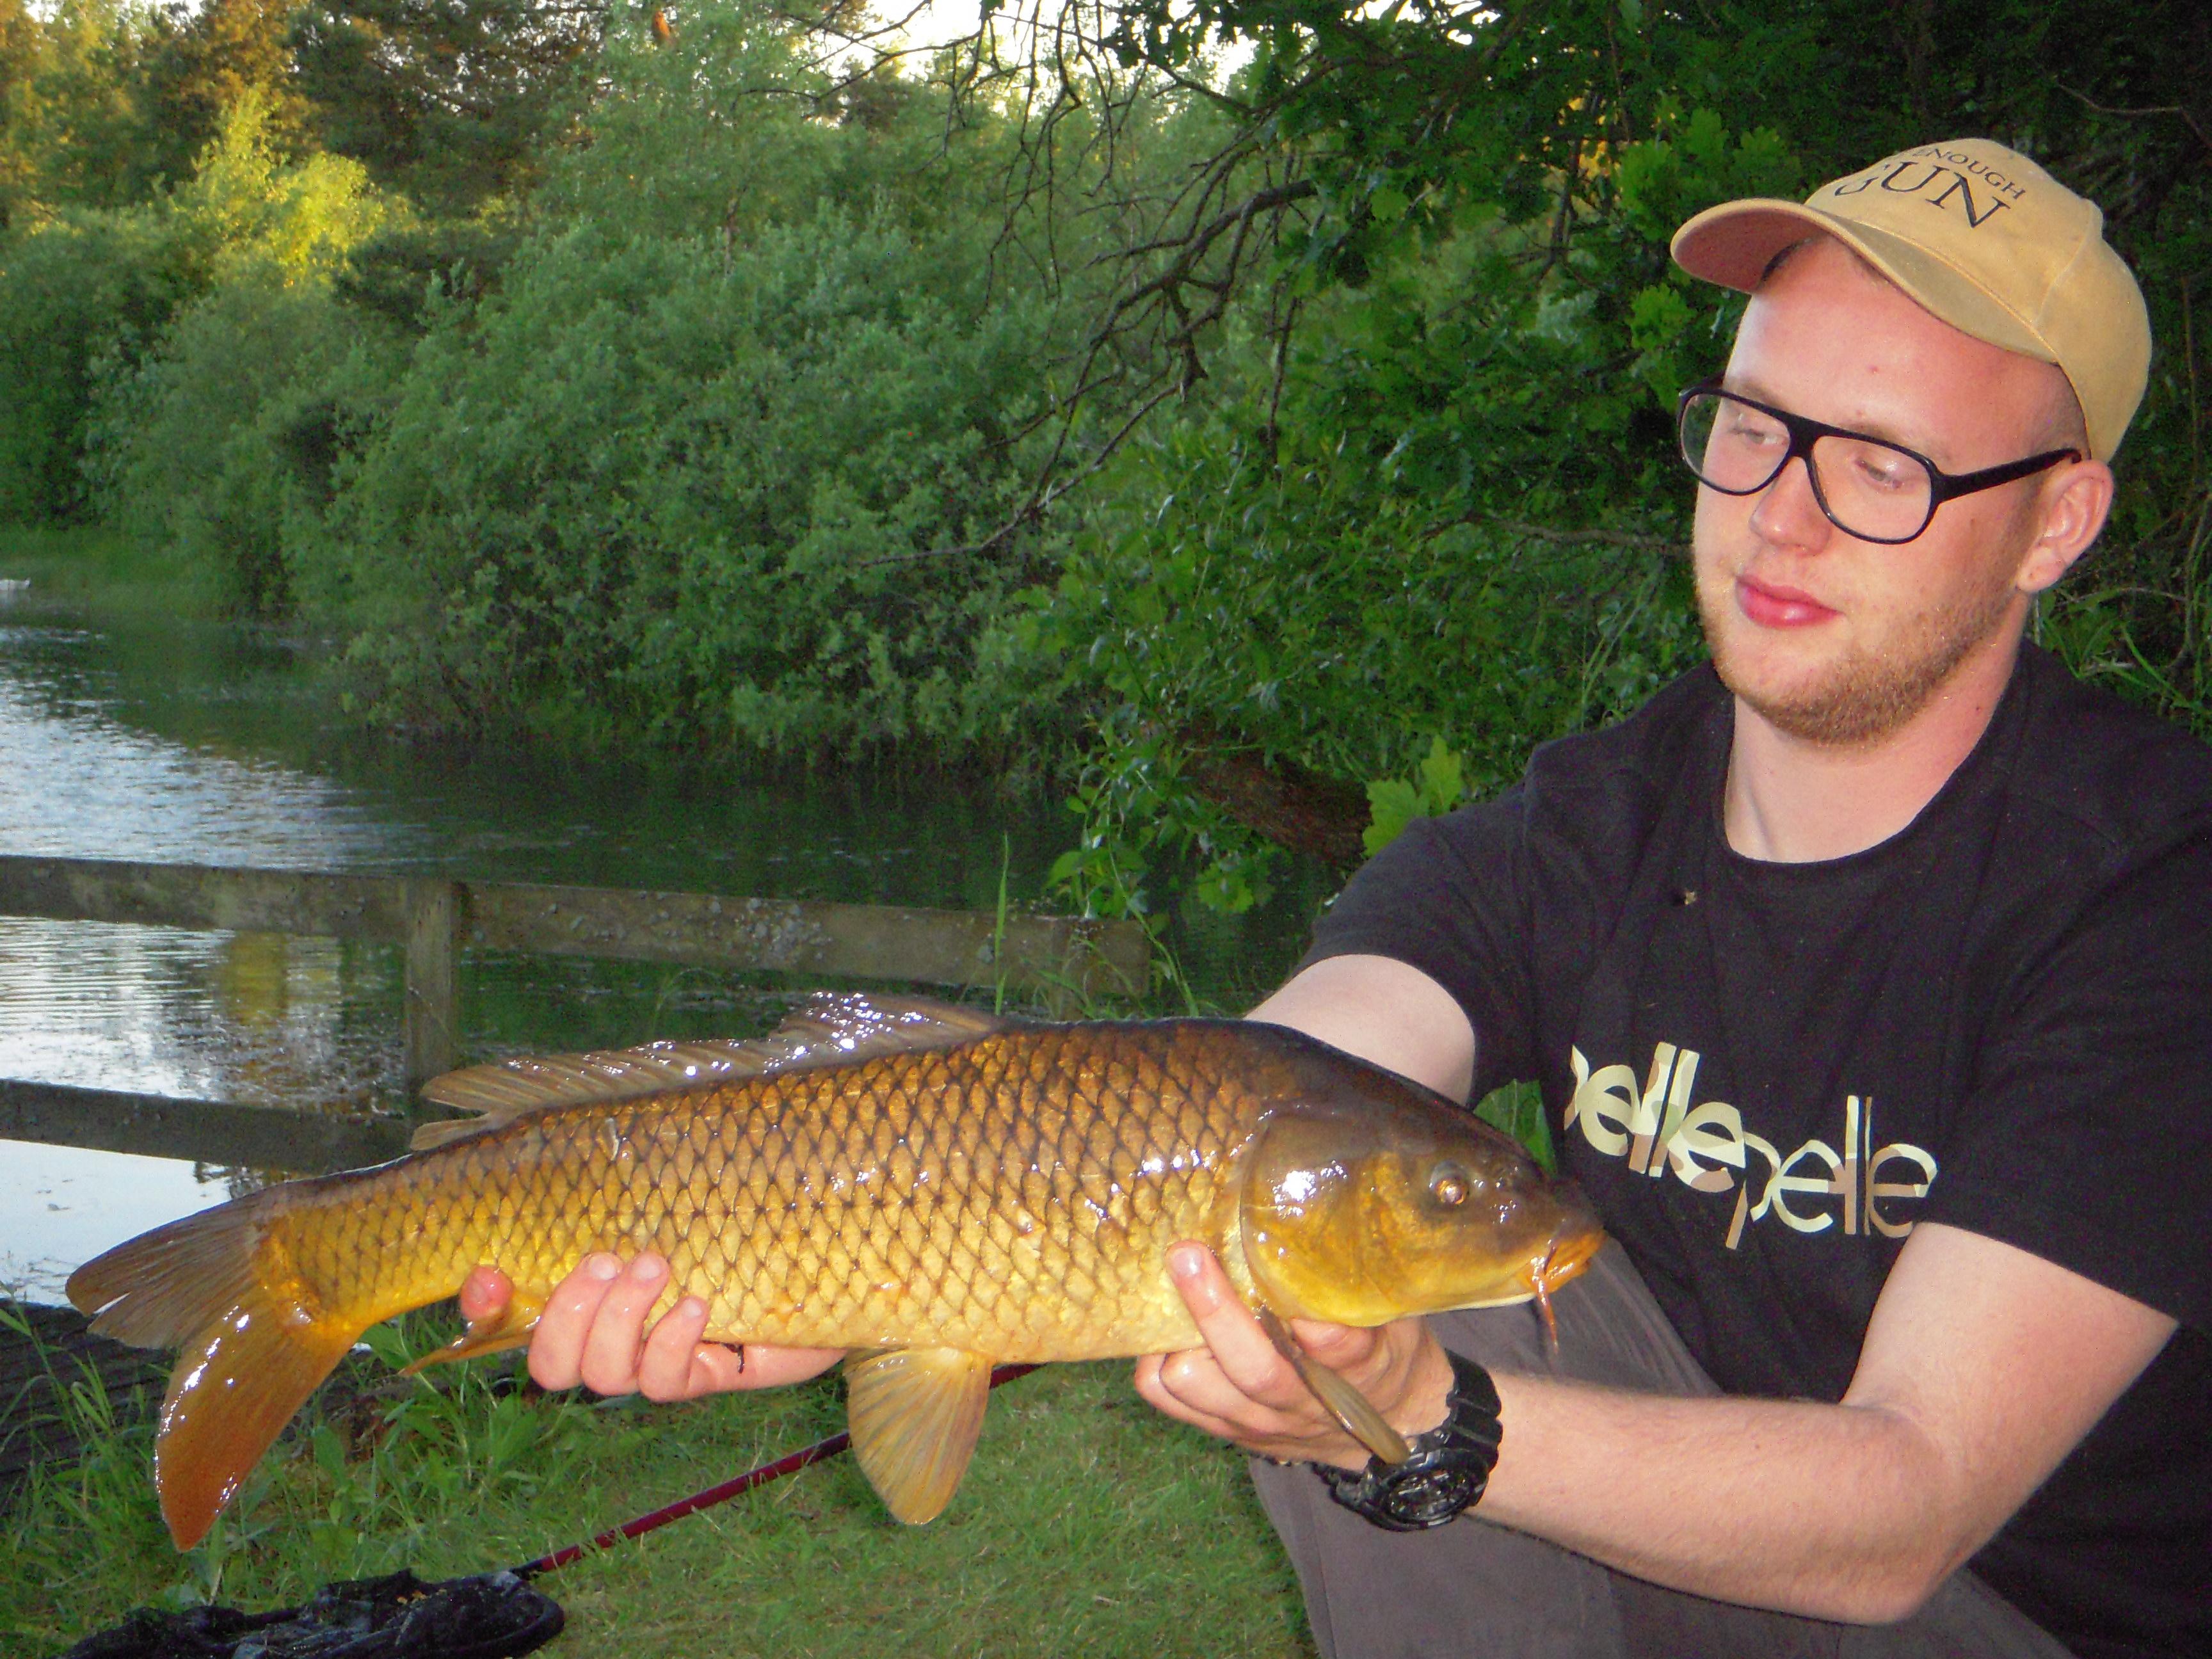 9f5b8df5b55c35 Godt fisket Rasmus! - Vi kan nemt blive enige om at karpen er en